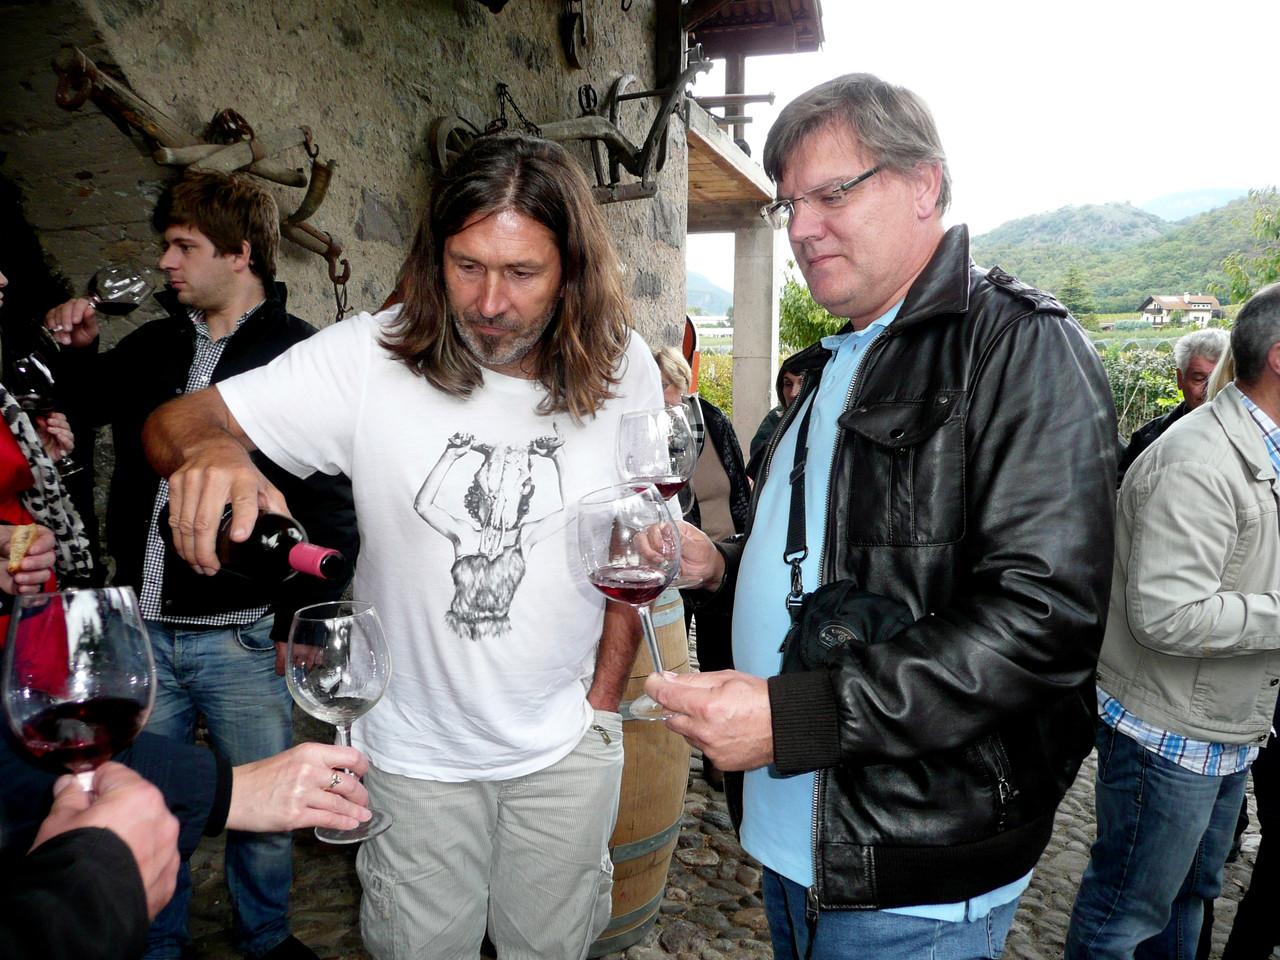 Koll. Kapun bei der Verkostung der Bioweinsorte Lagreiner...